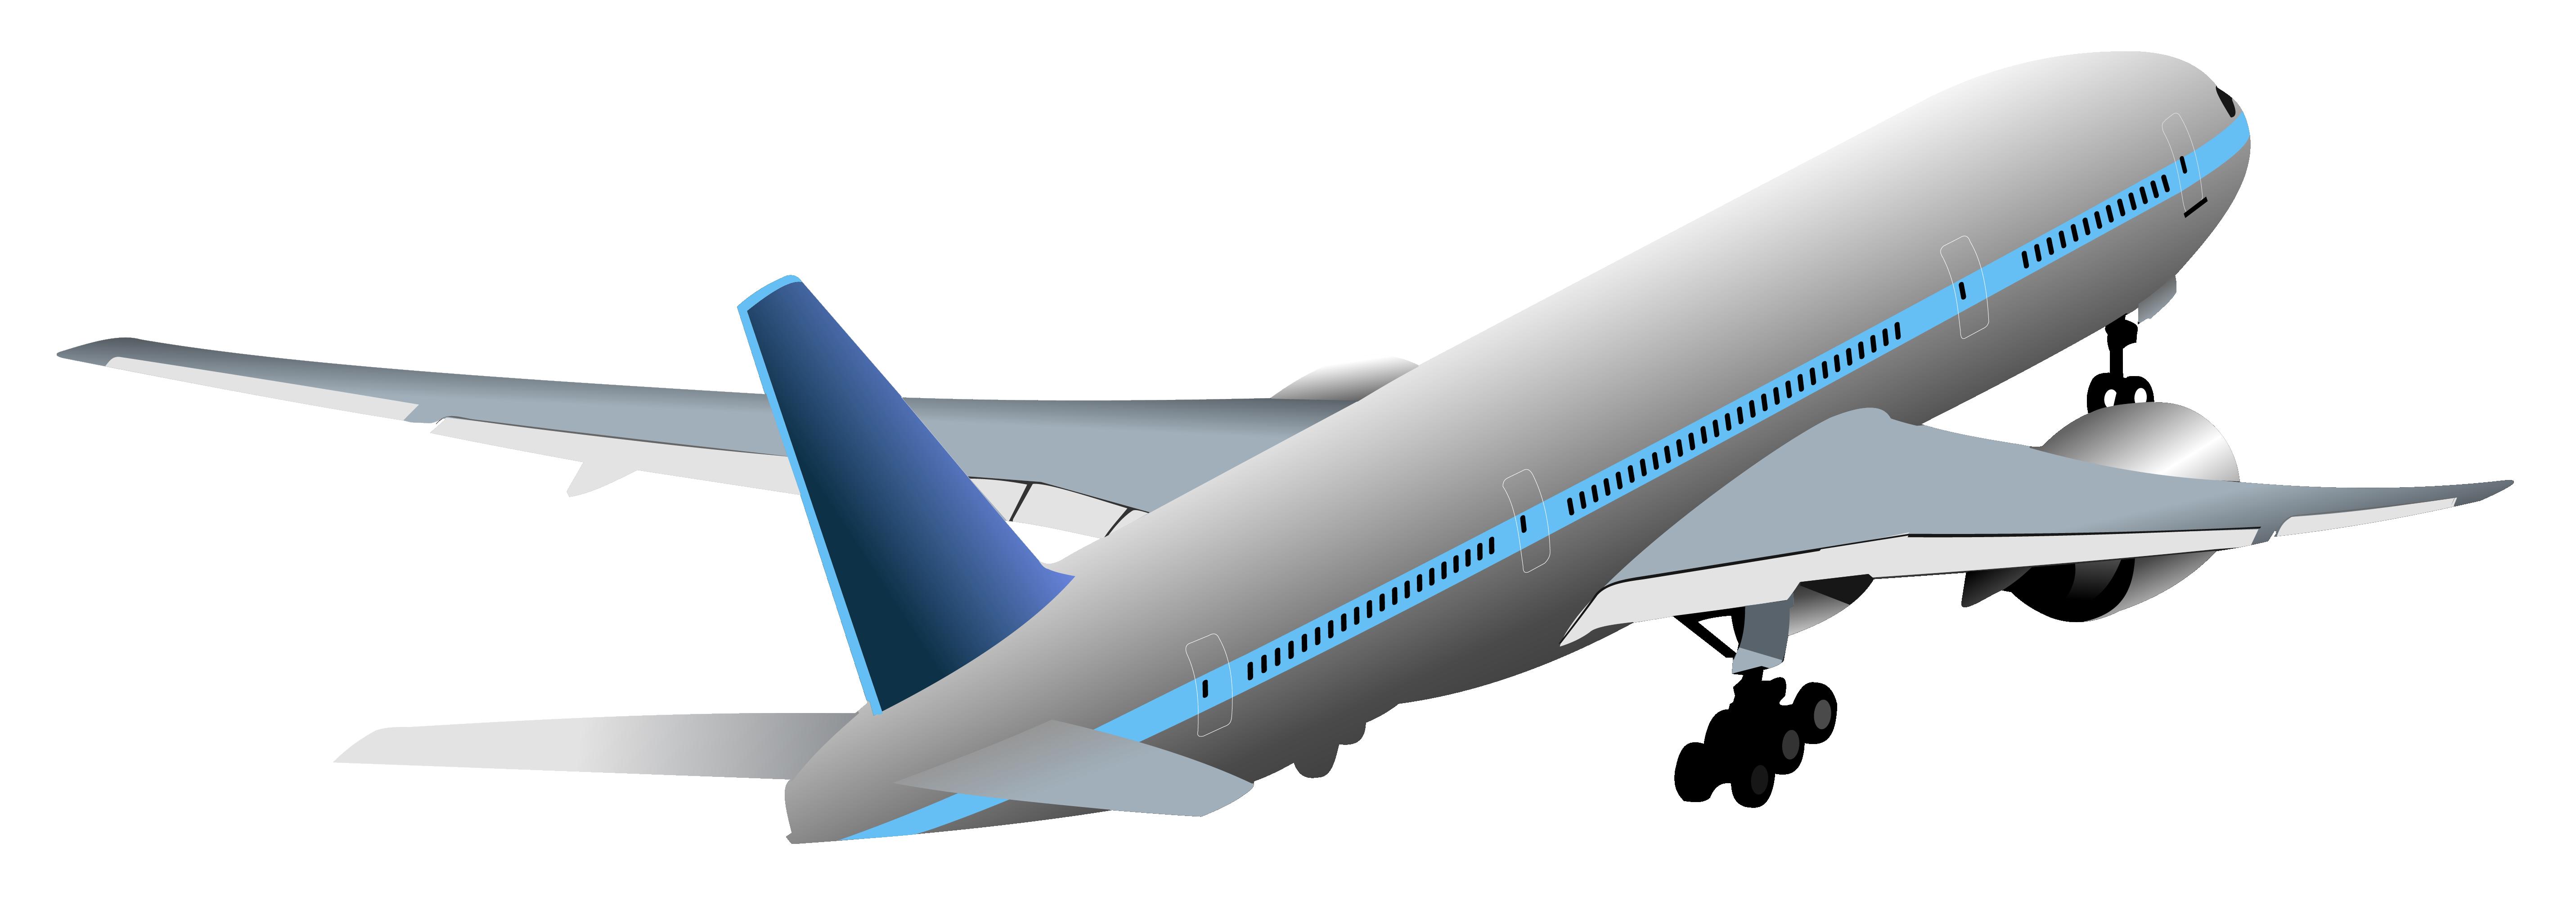 Transparent Aircraft PNG Vector Clipart.